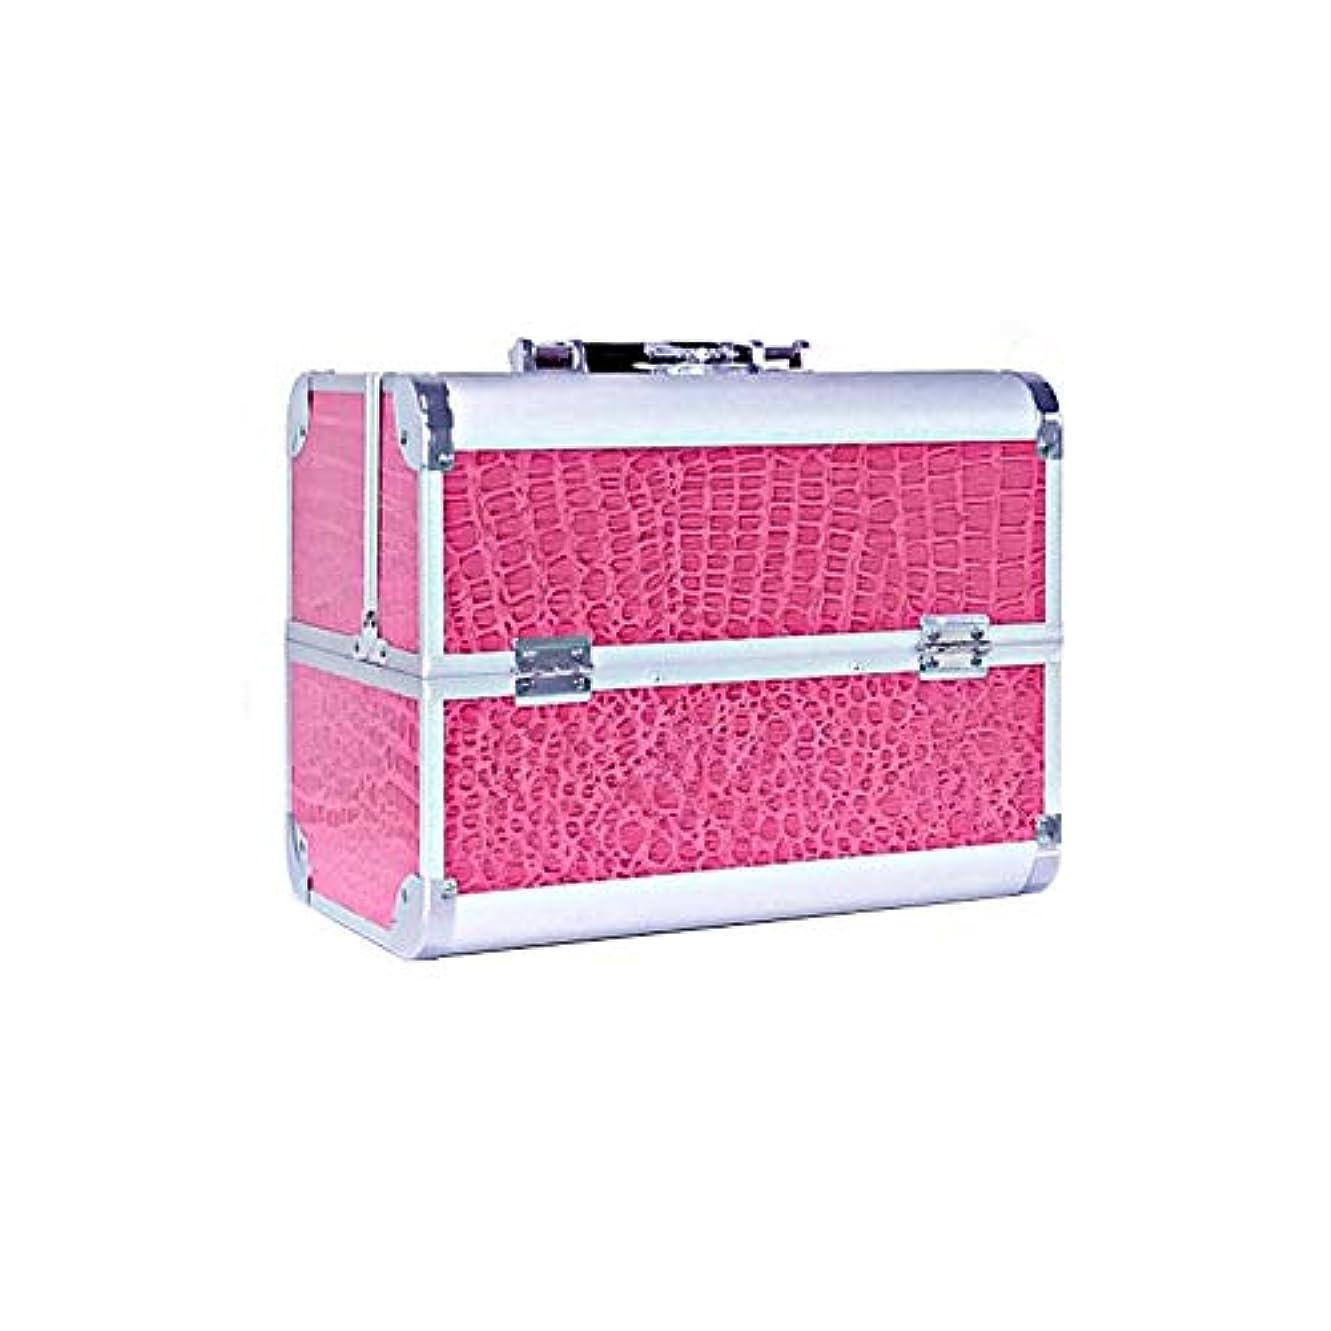 取り出す接続されたポールメイクボックス プロ用 コスメボックス 化粧品箱 大容量 鍵付き ハンドル付き 持ち運び便利 ピンク アウトドア撮影 11色 機能的 収納 防水 アミル 美容師